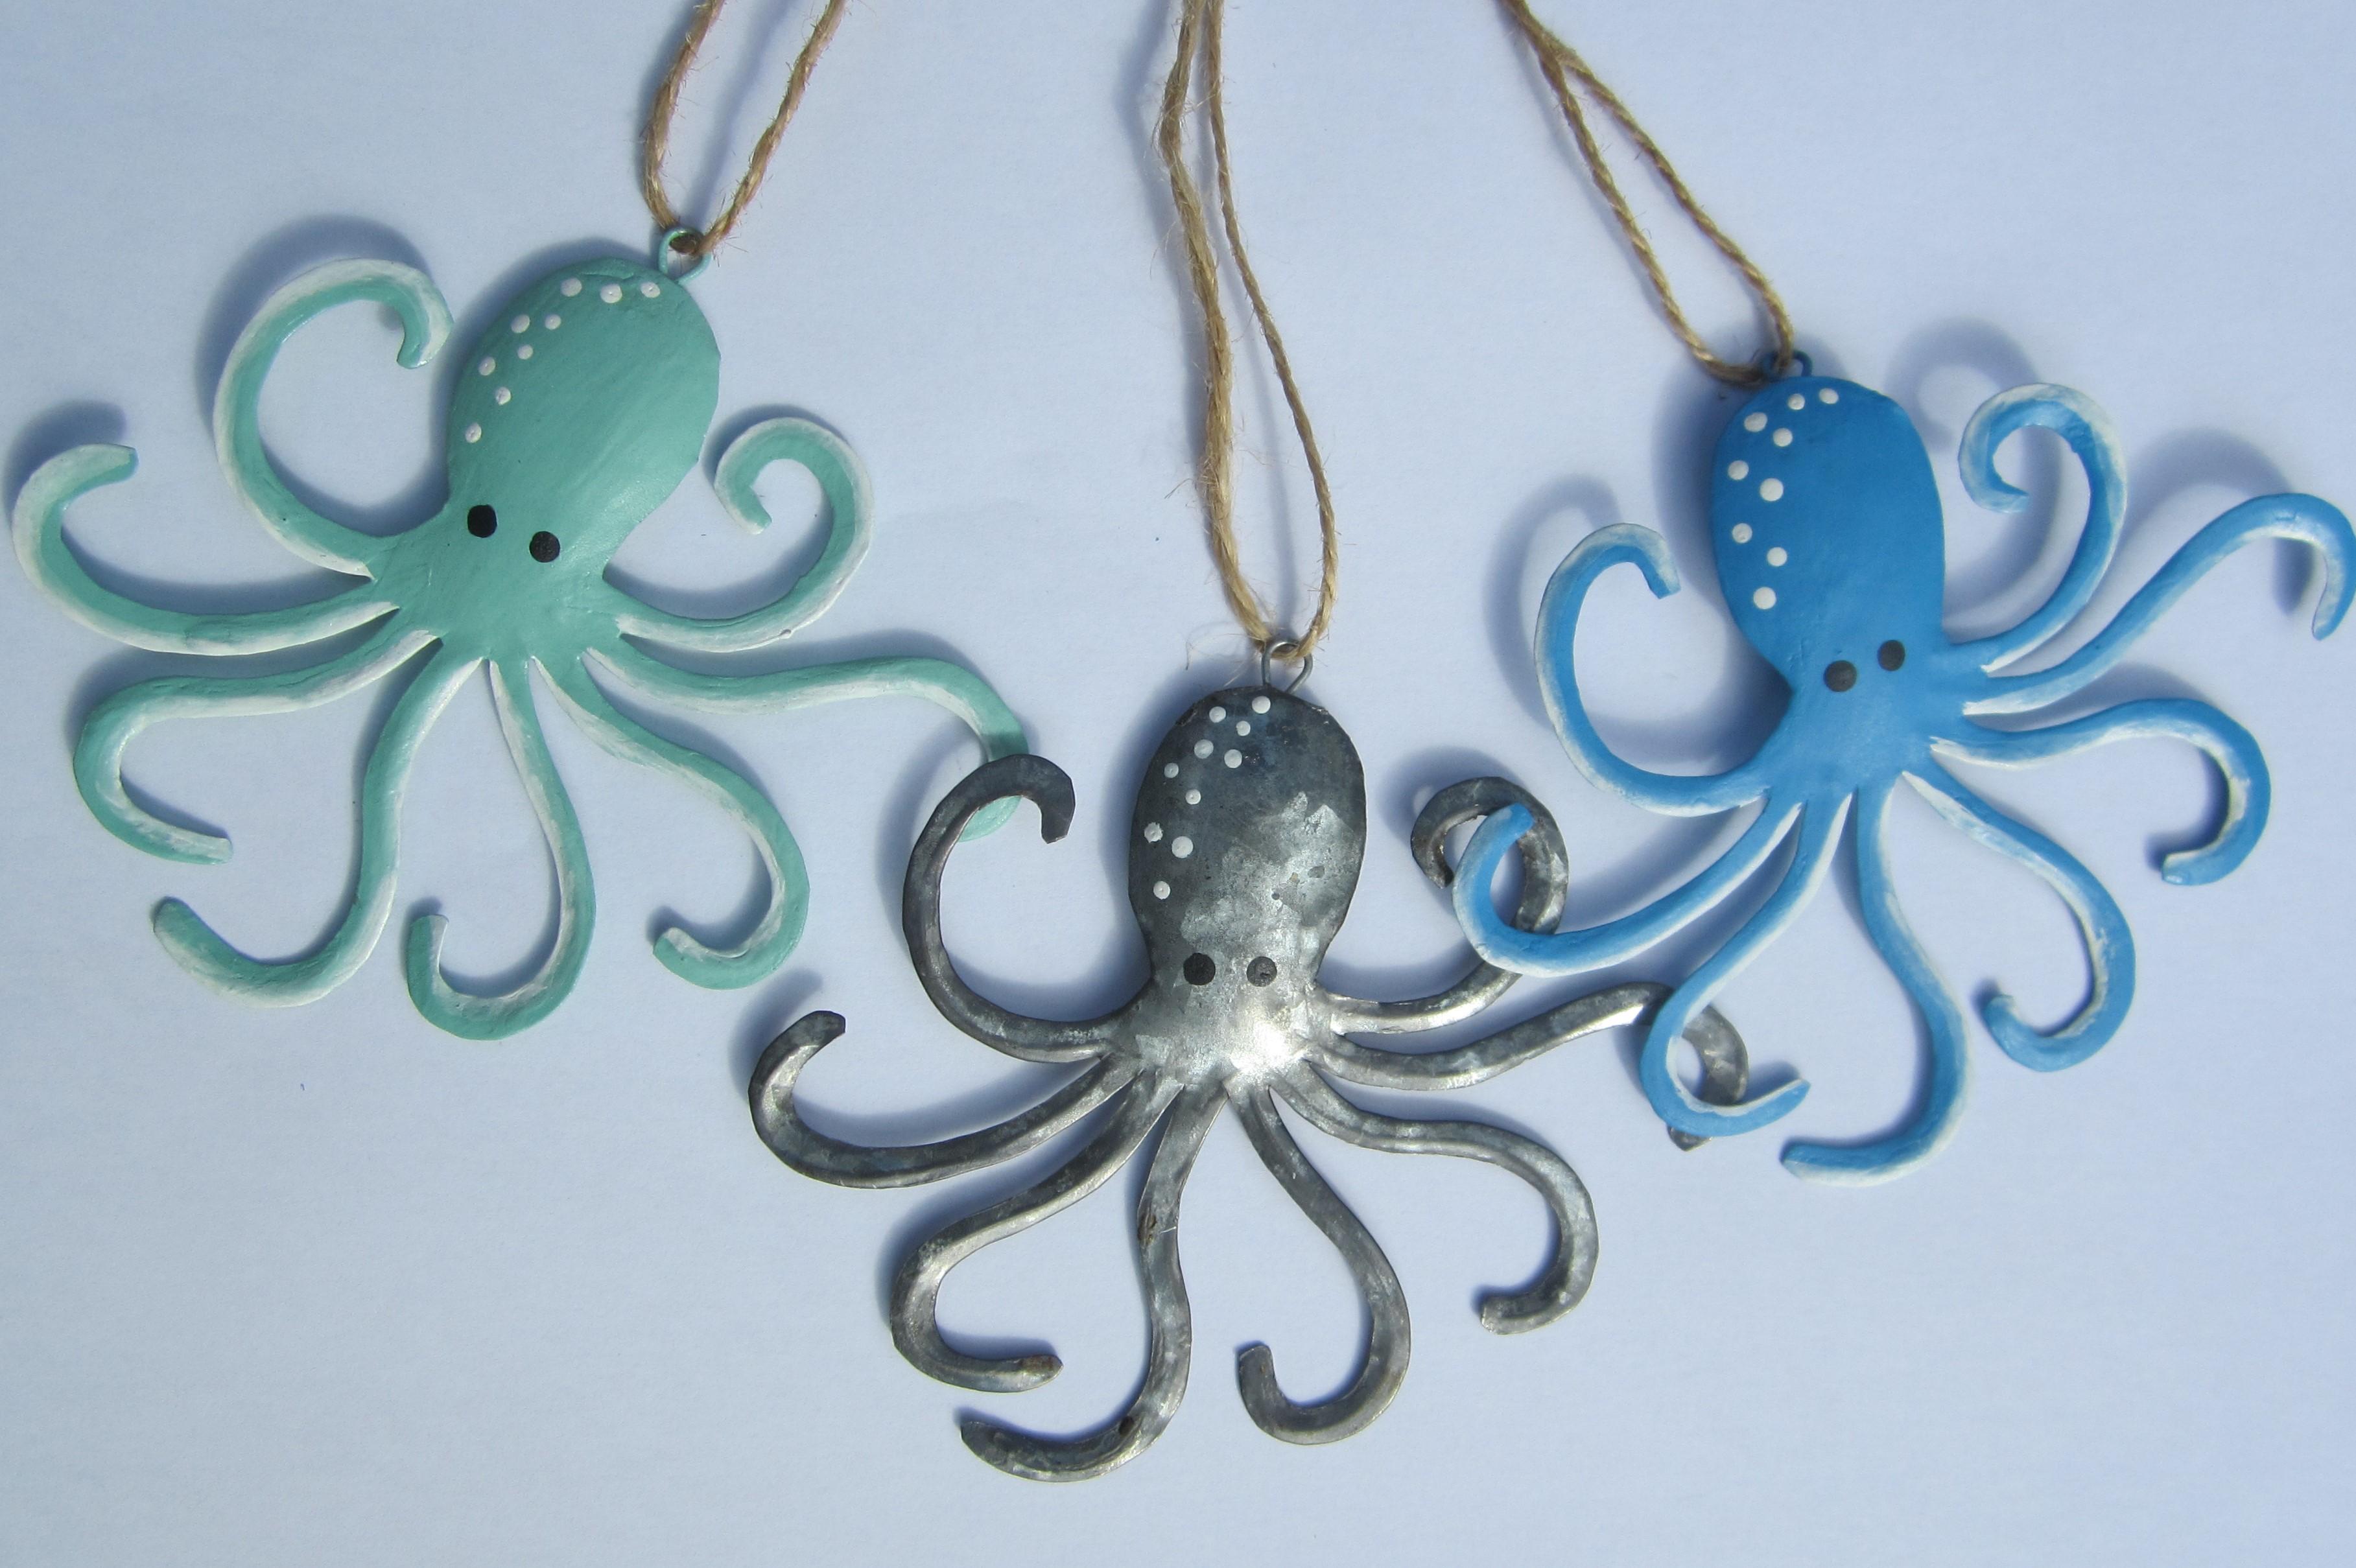 Octopus Hanger